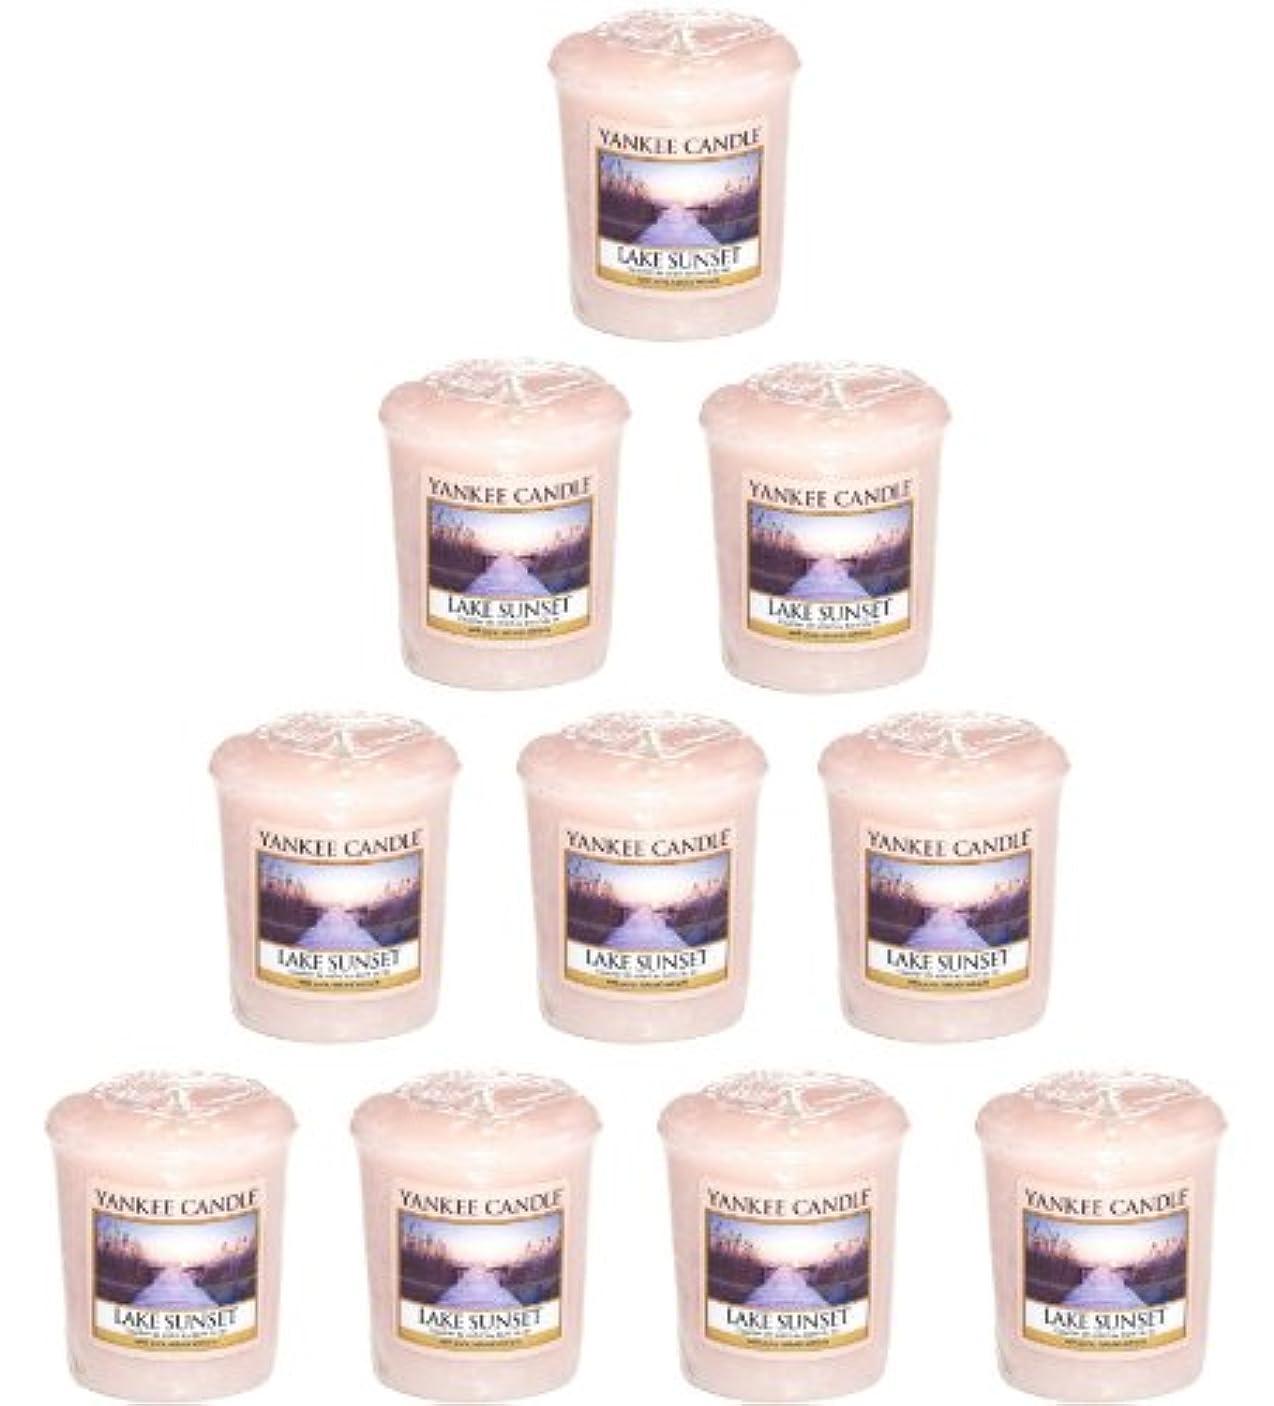 入植者遺体安置所スローガンYankee Candle – 10 x湖サンセットVotive Samplers – 新しい香りfor 2013 。